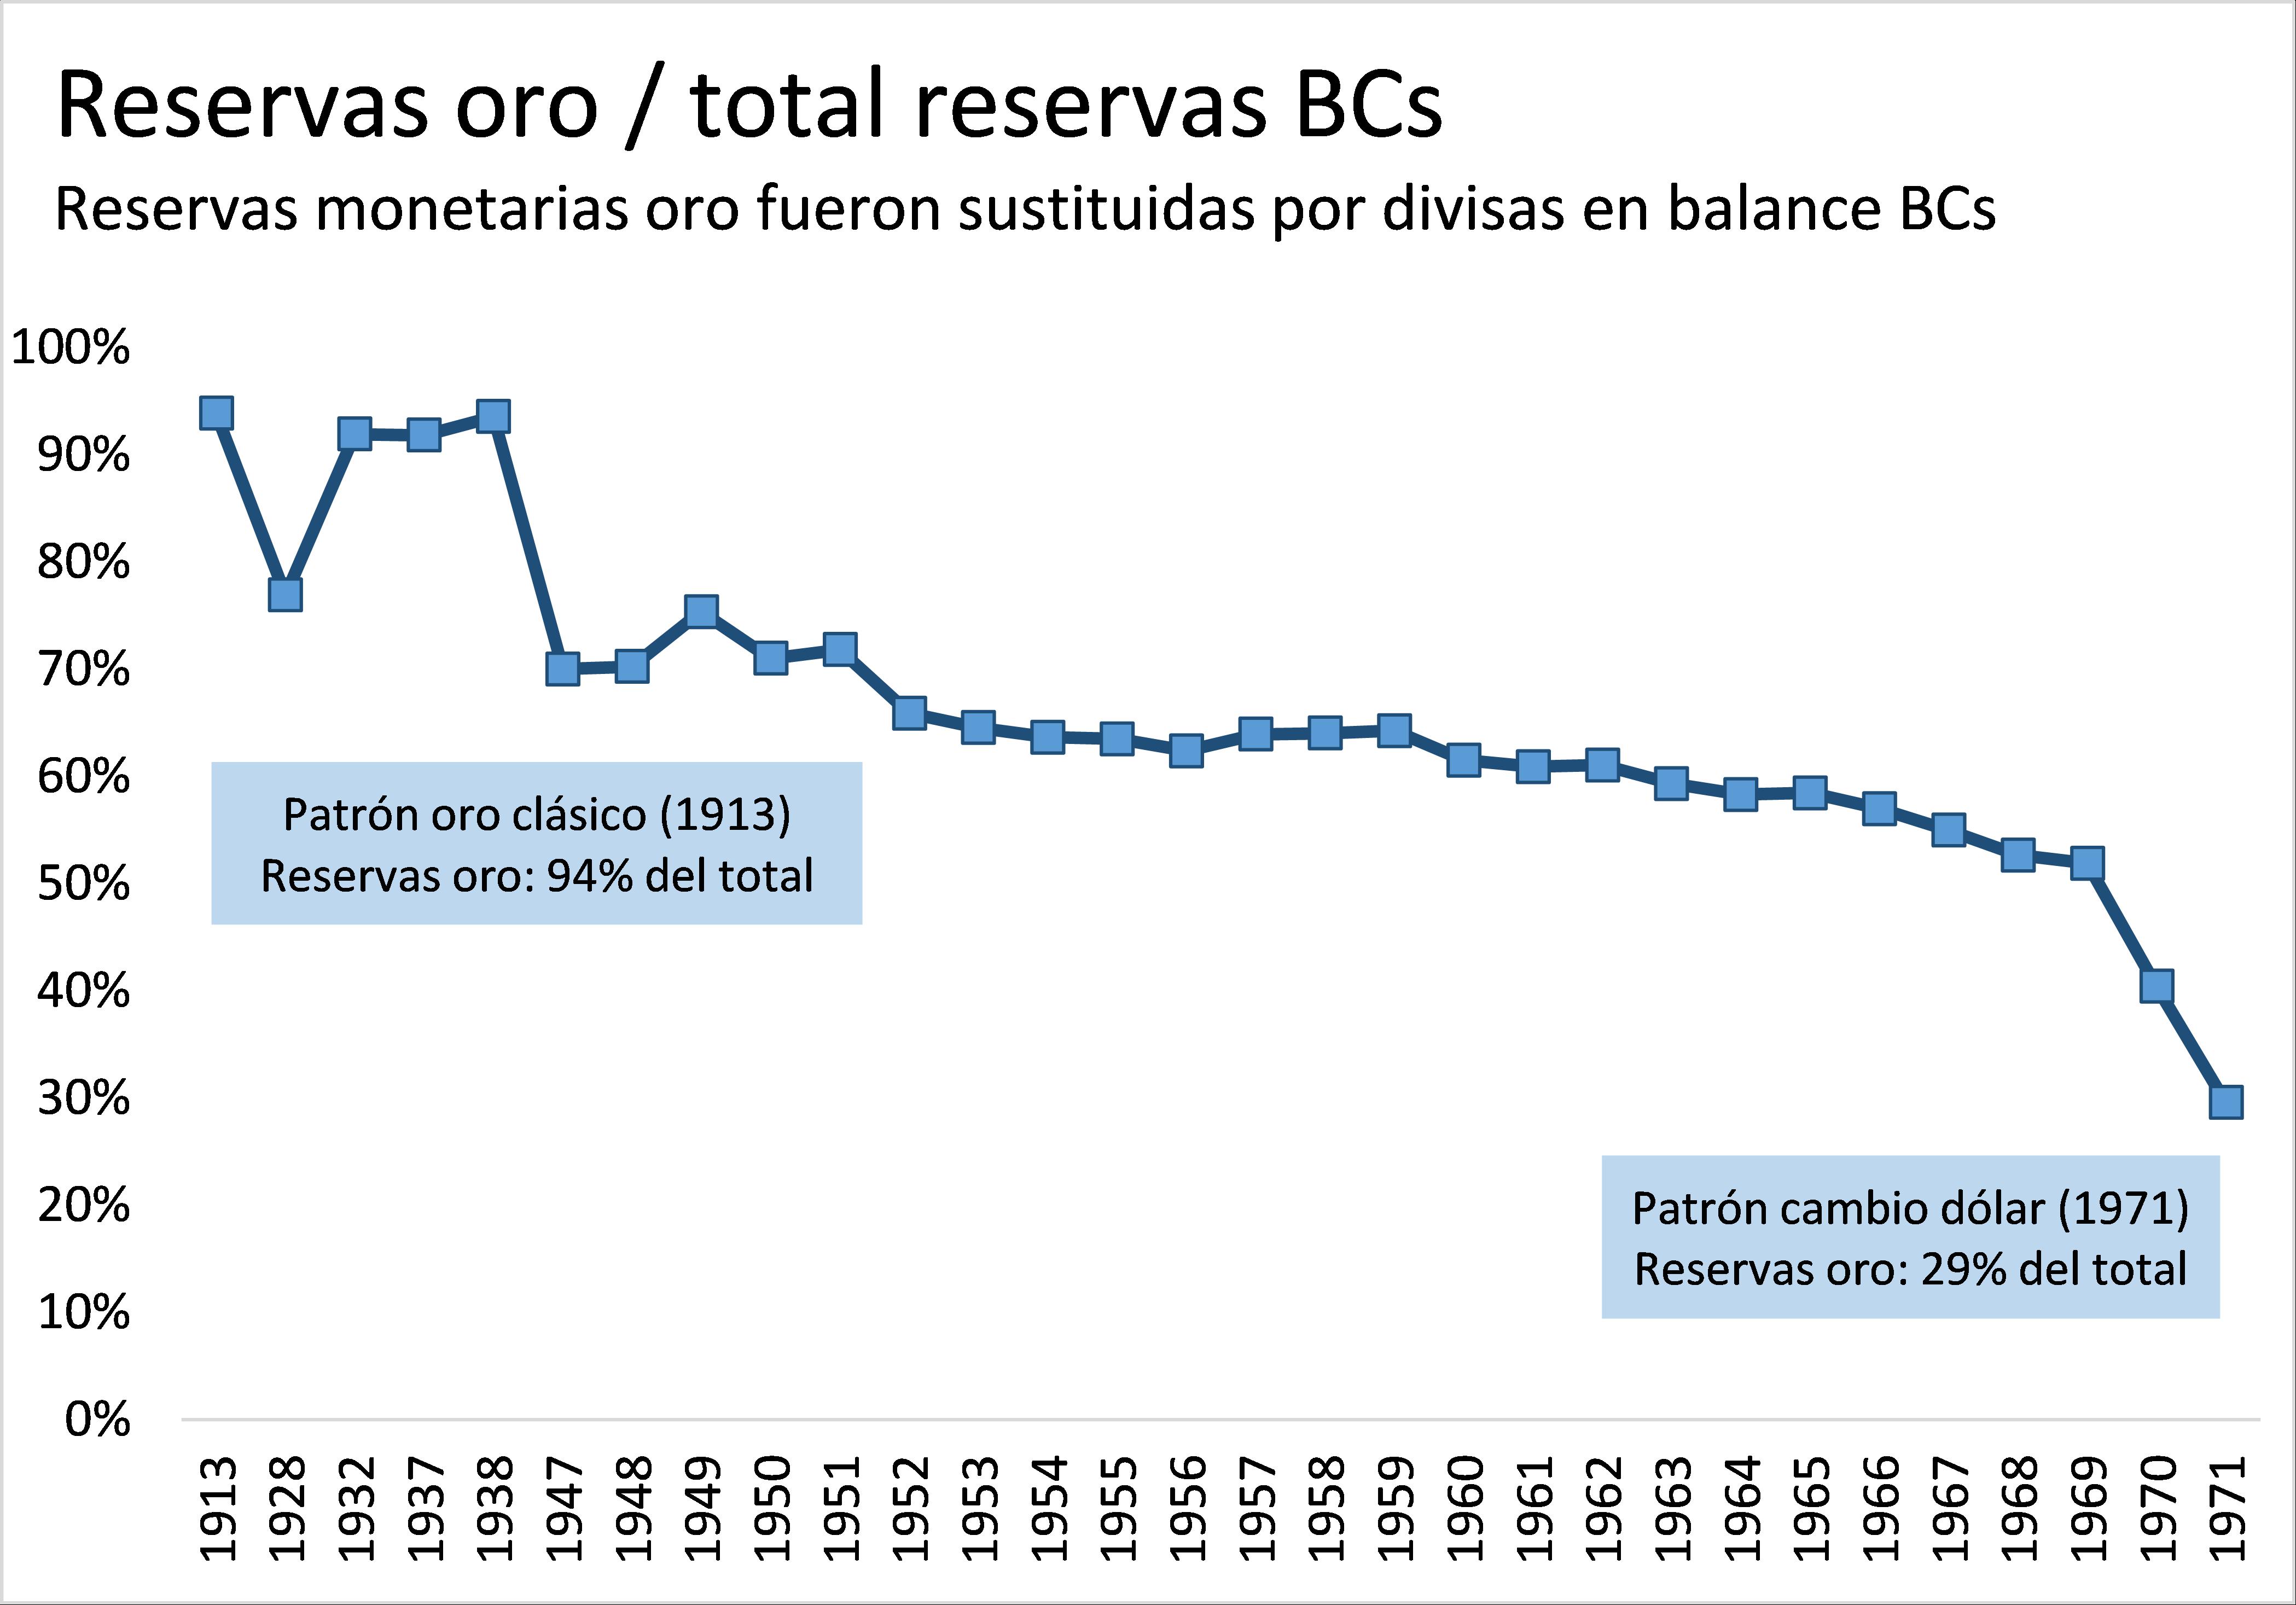 Reservas oro sobre el total de reservas bancos centrales entre 1913 y 1971